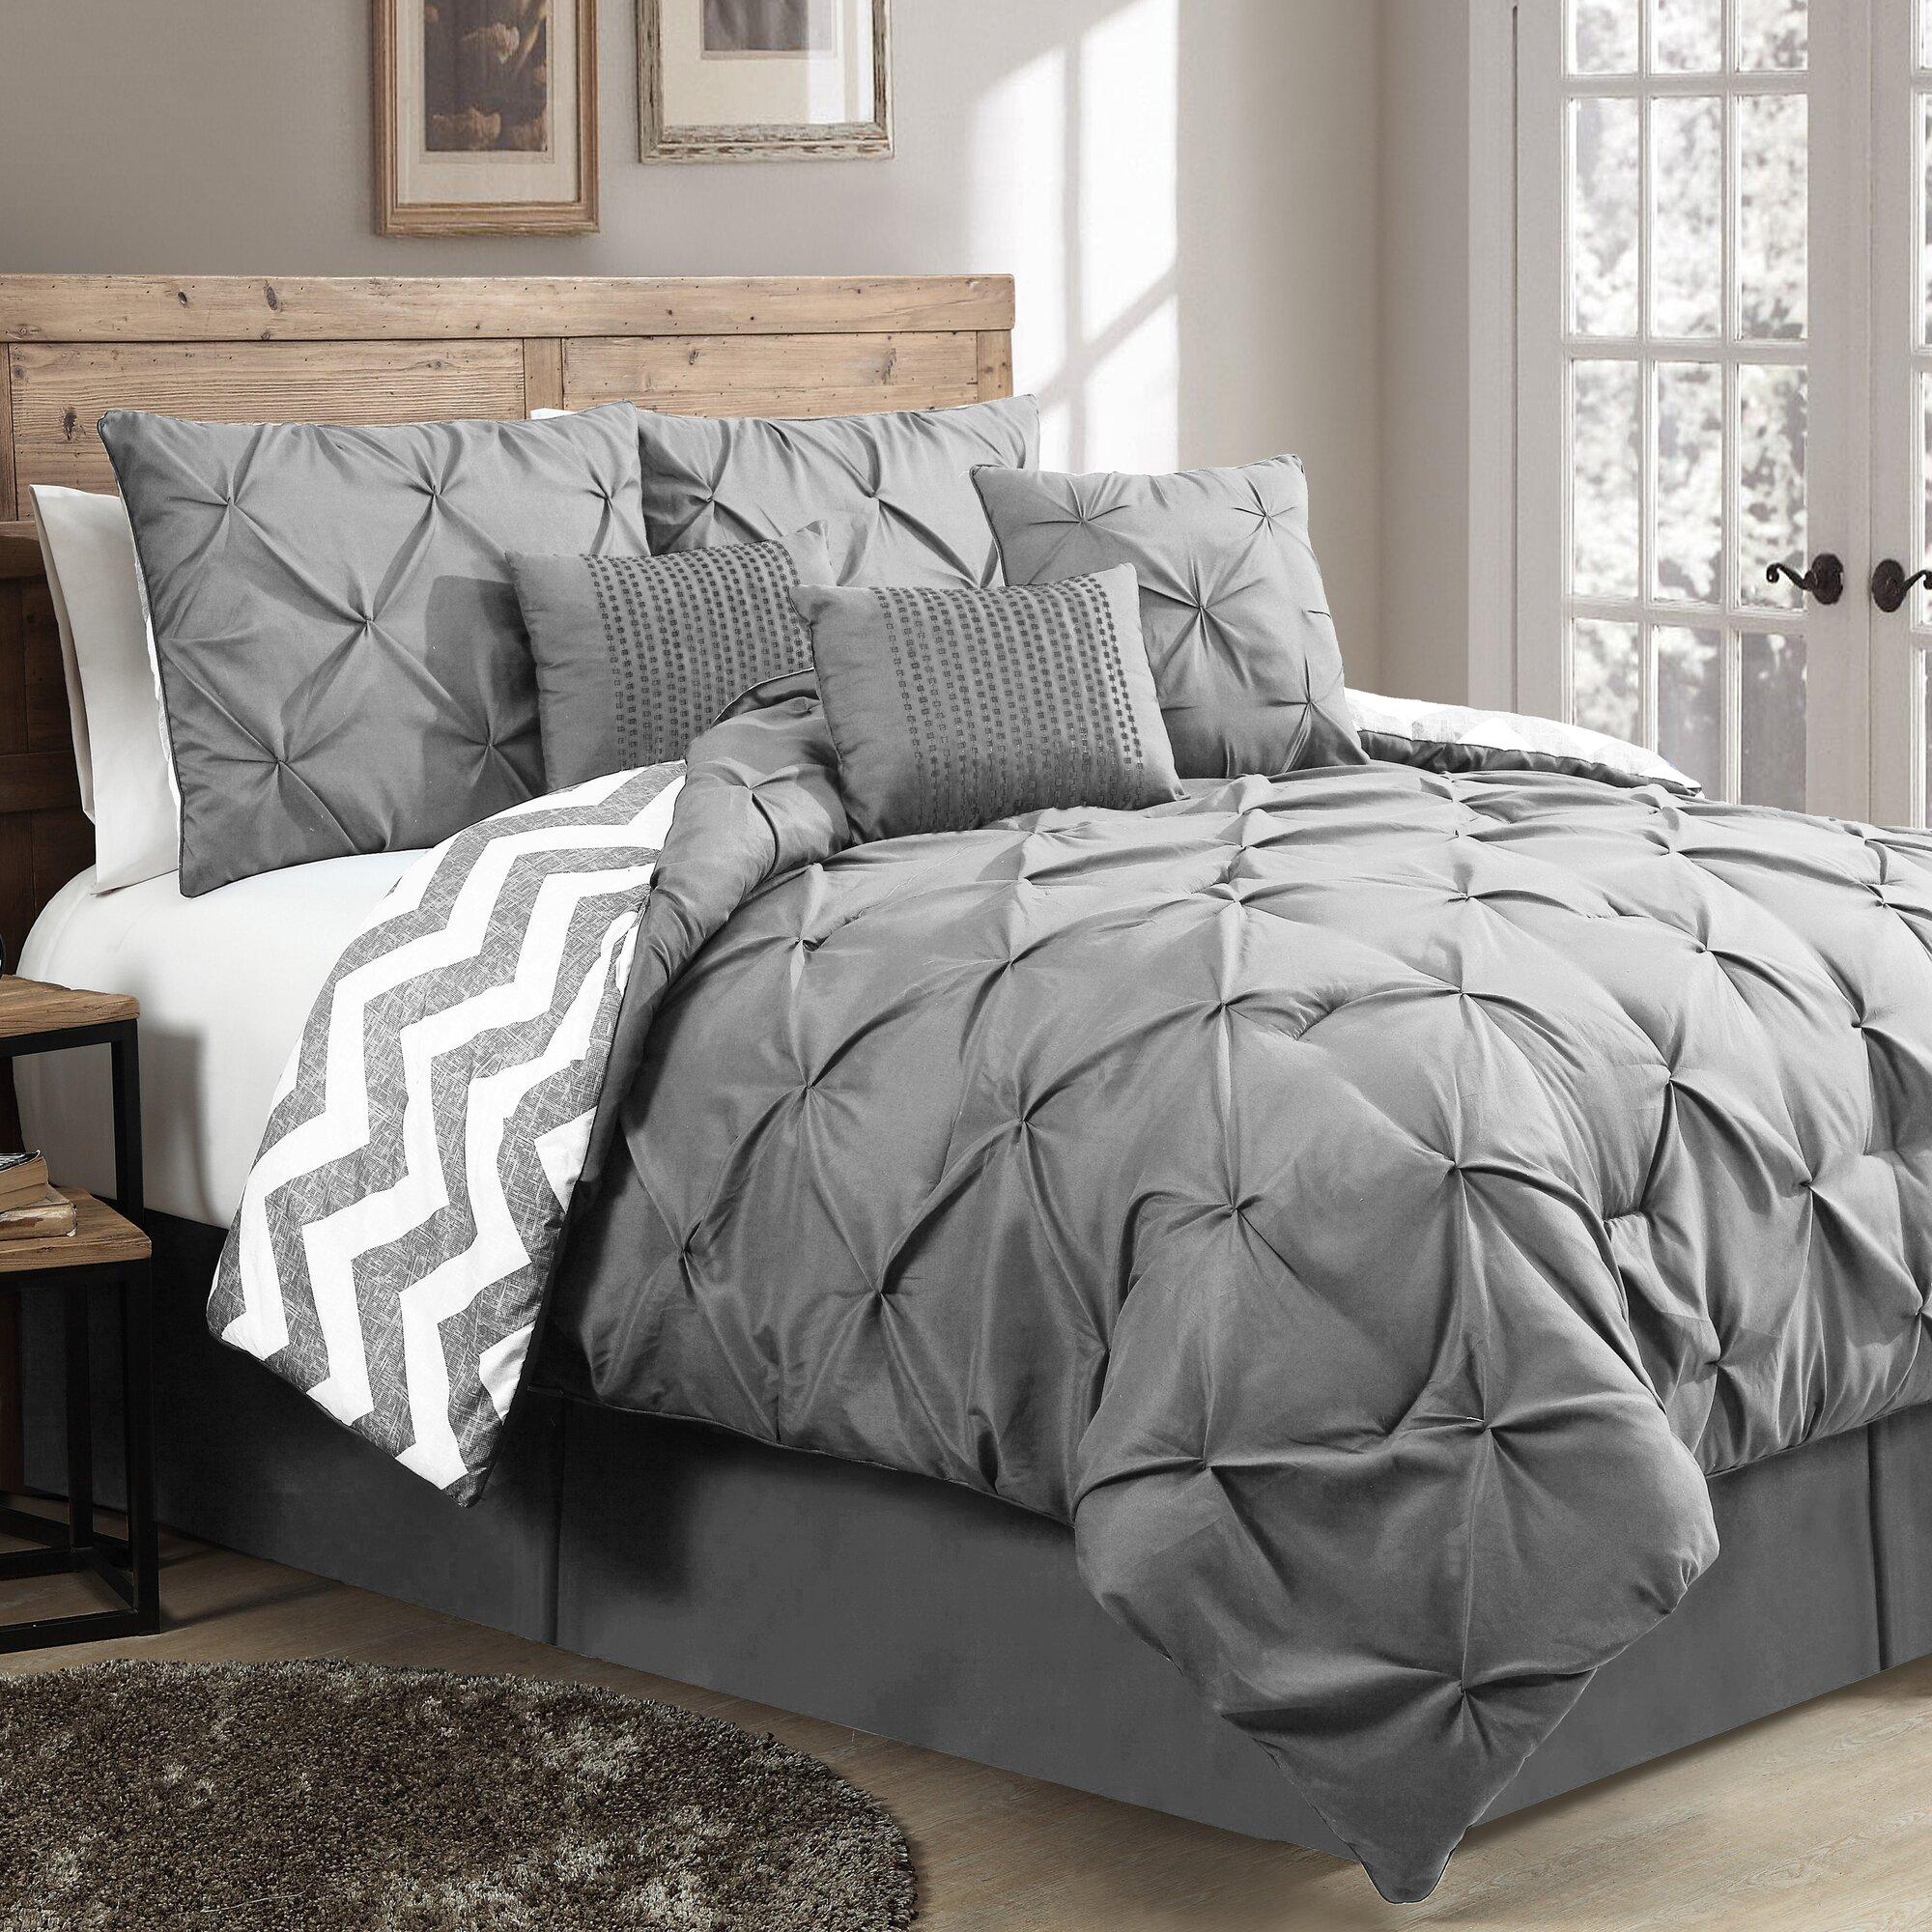 modern comforter - modern duvet comforter sets allmodern